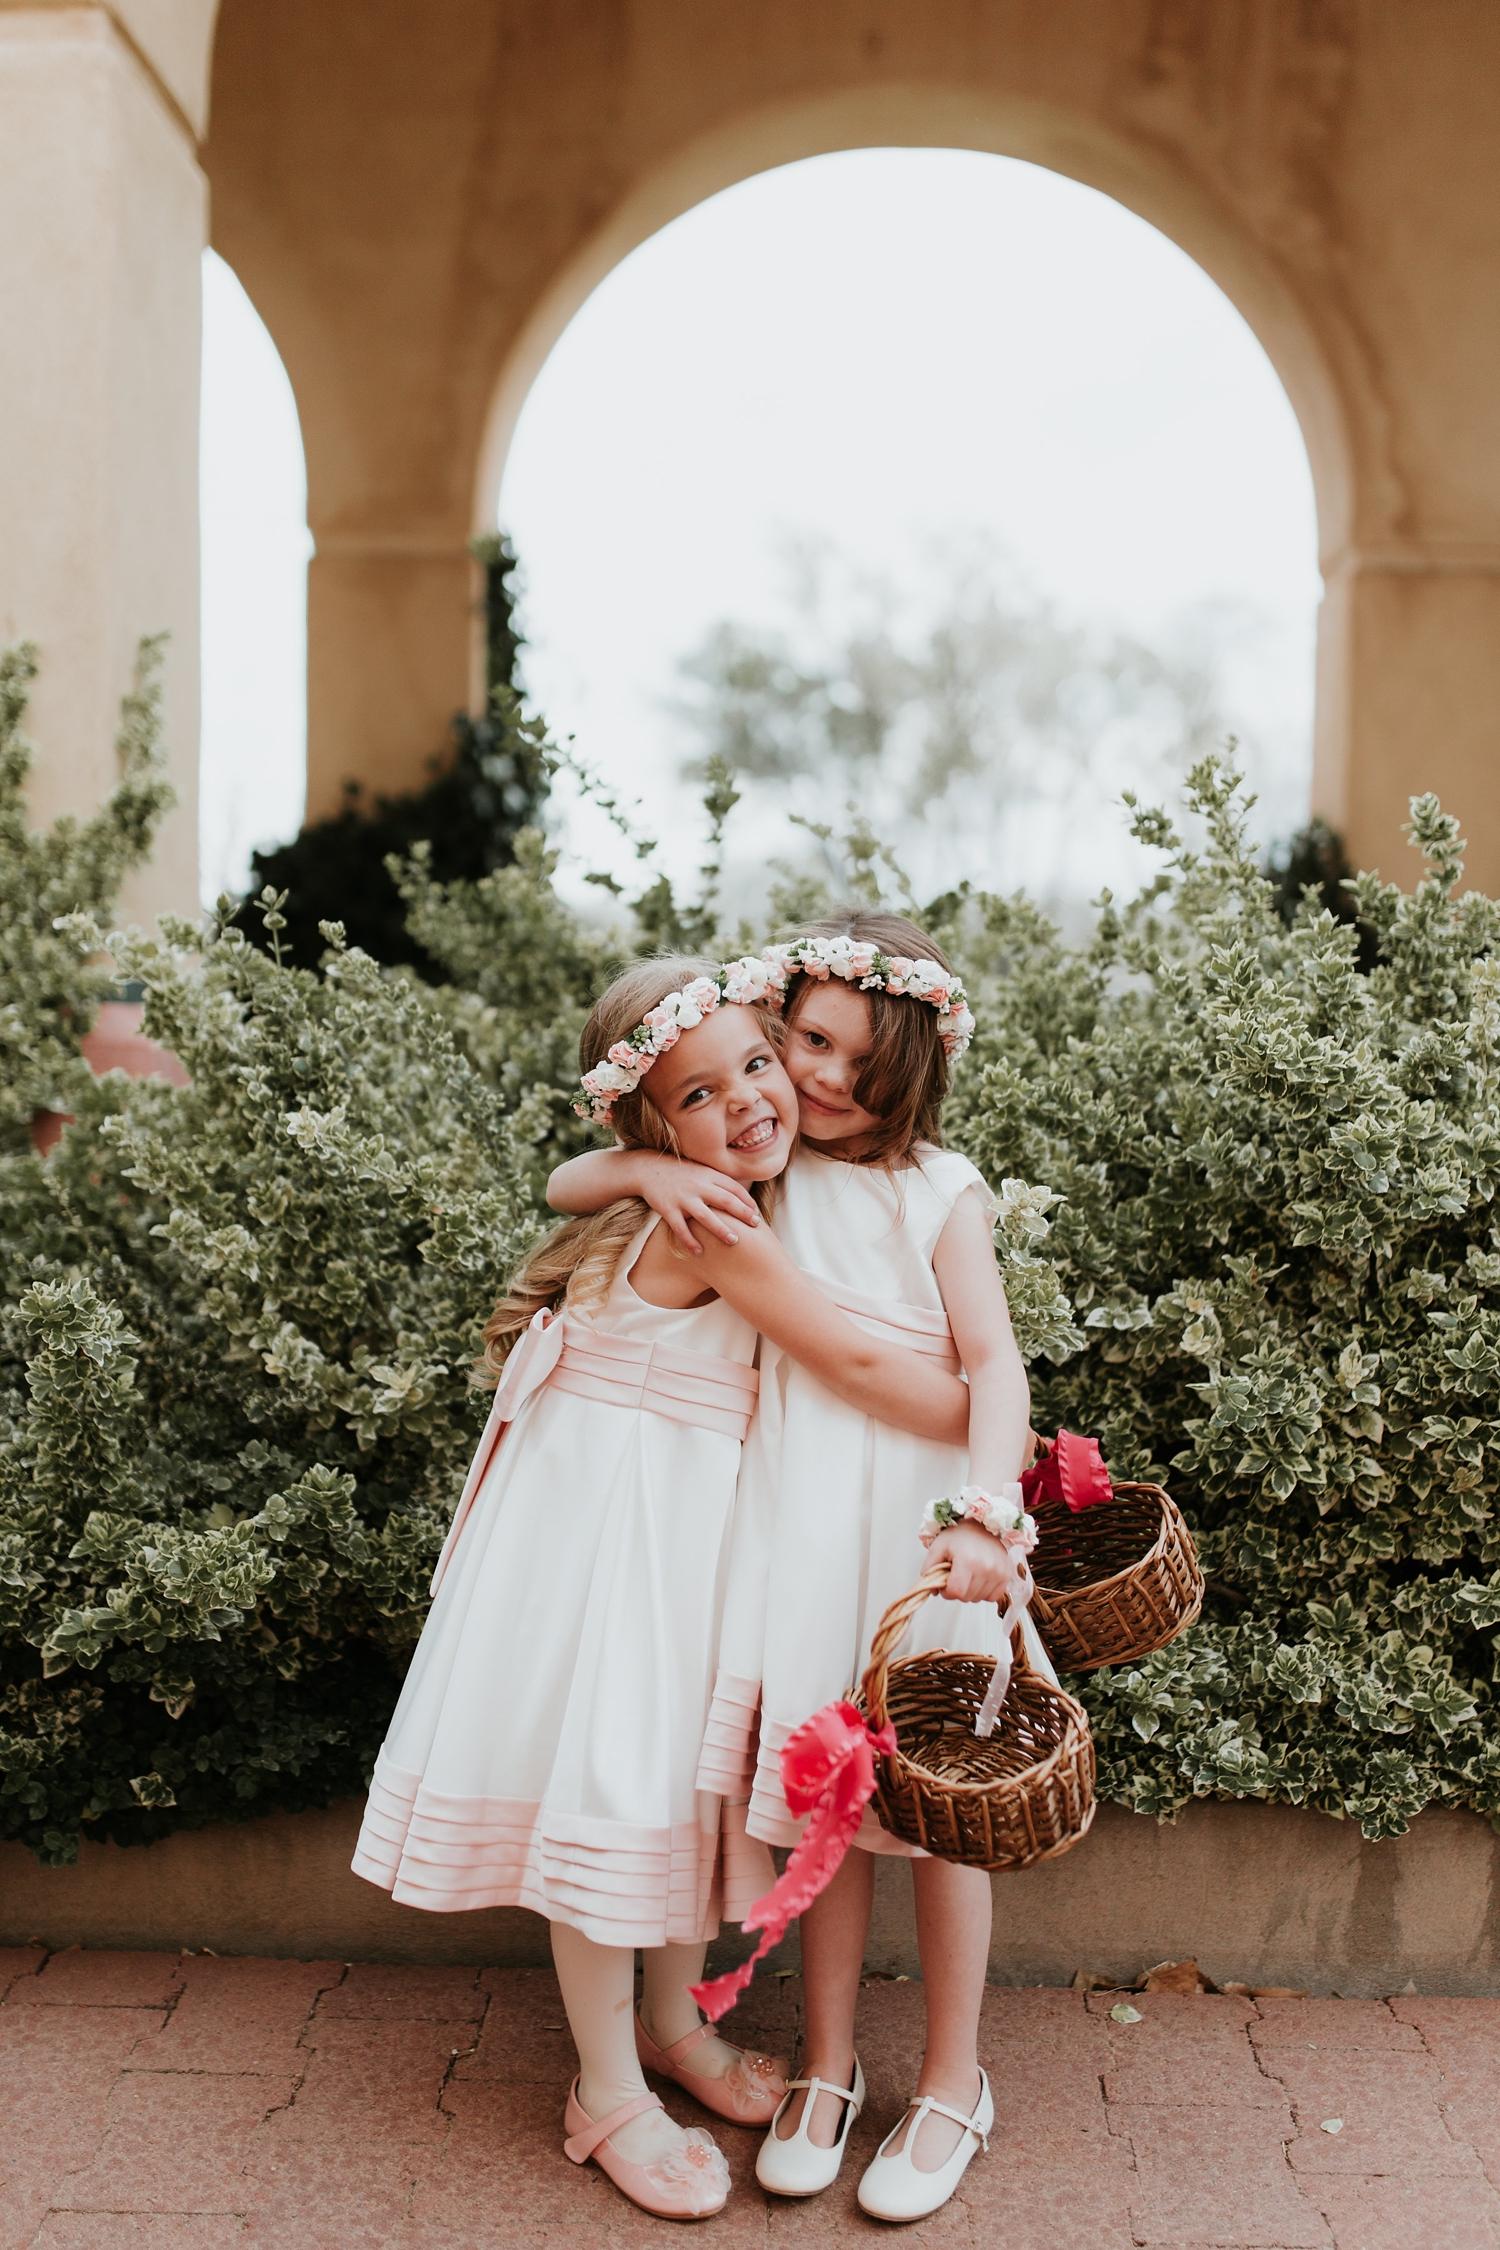 Alicia+lucia+photography+-+albuquerque+wedding+photographer+-+santa+fe+wedding+photography+-+new+mexico+wedding+photographer+-+new+mexico+engagement+-+la+mesita+ranch+wedding+-+la+mesita+ranch+spring+wedding_0041.jpg